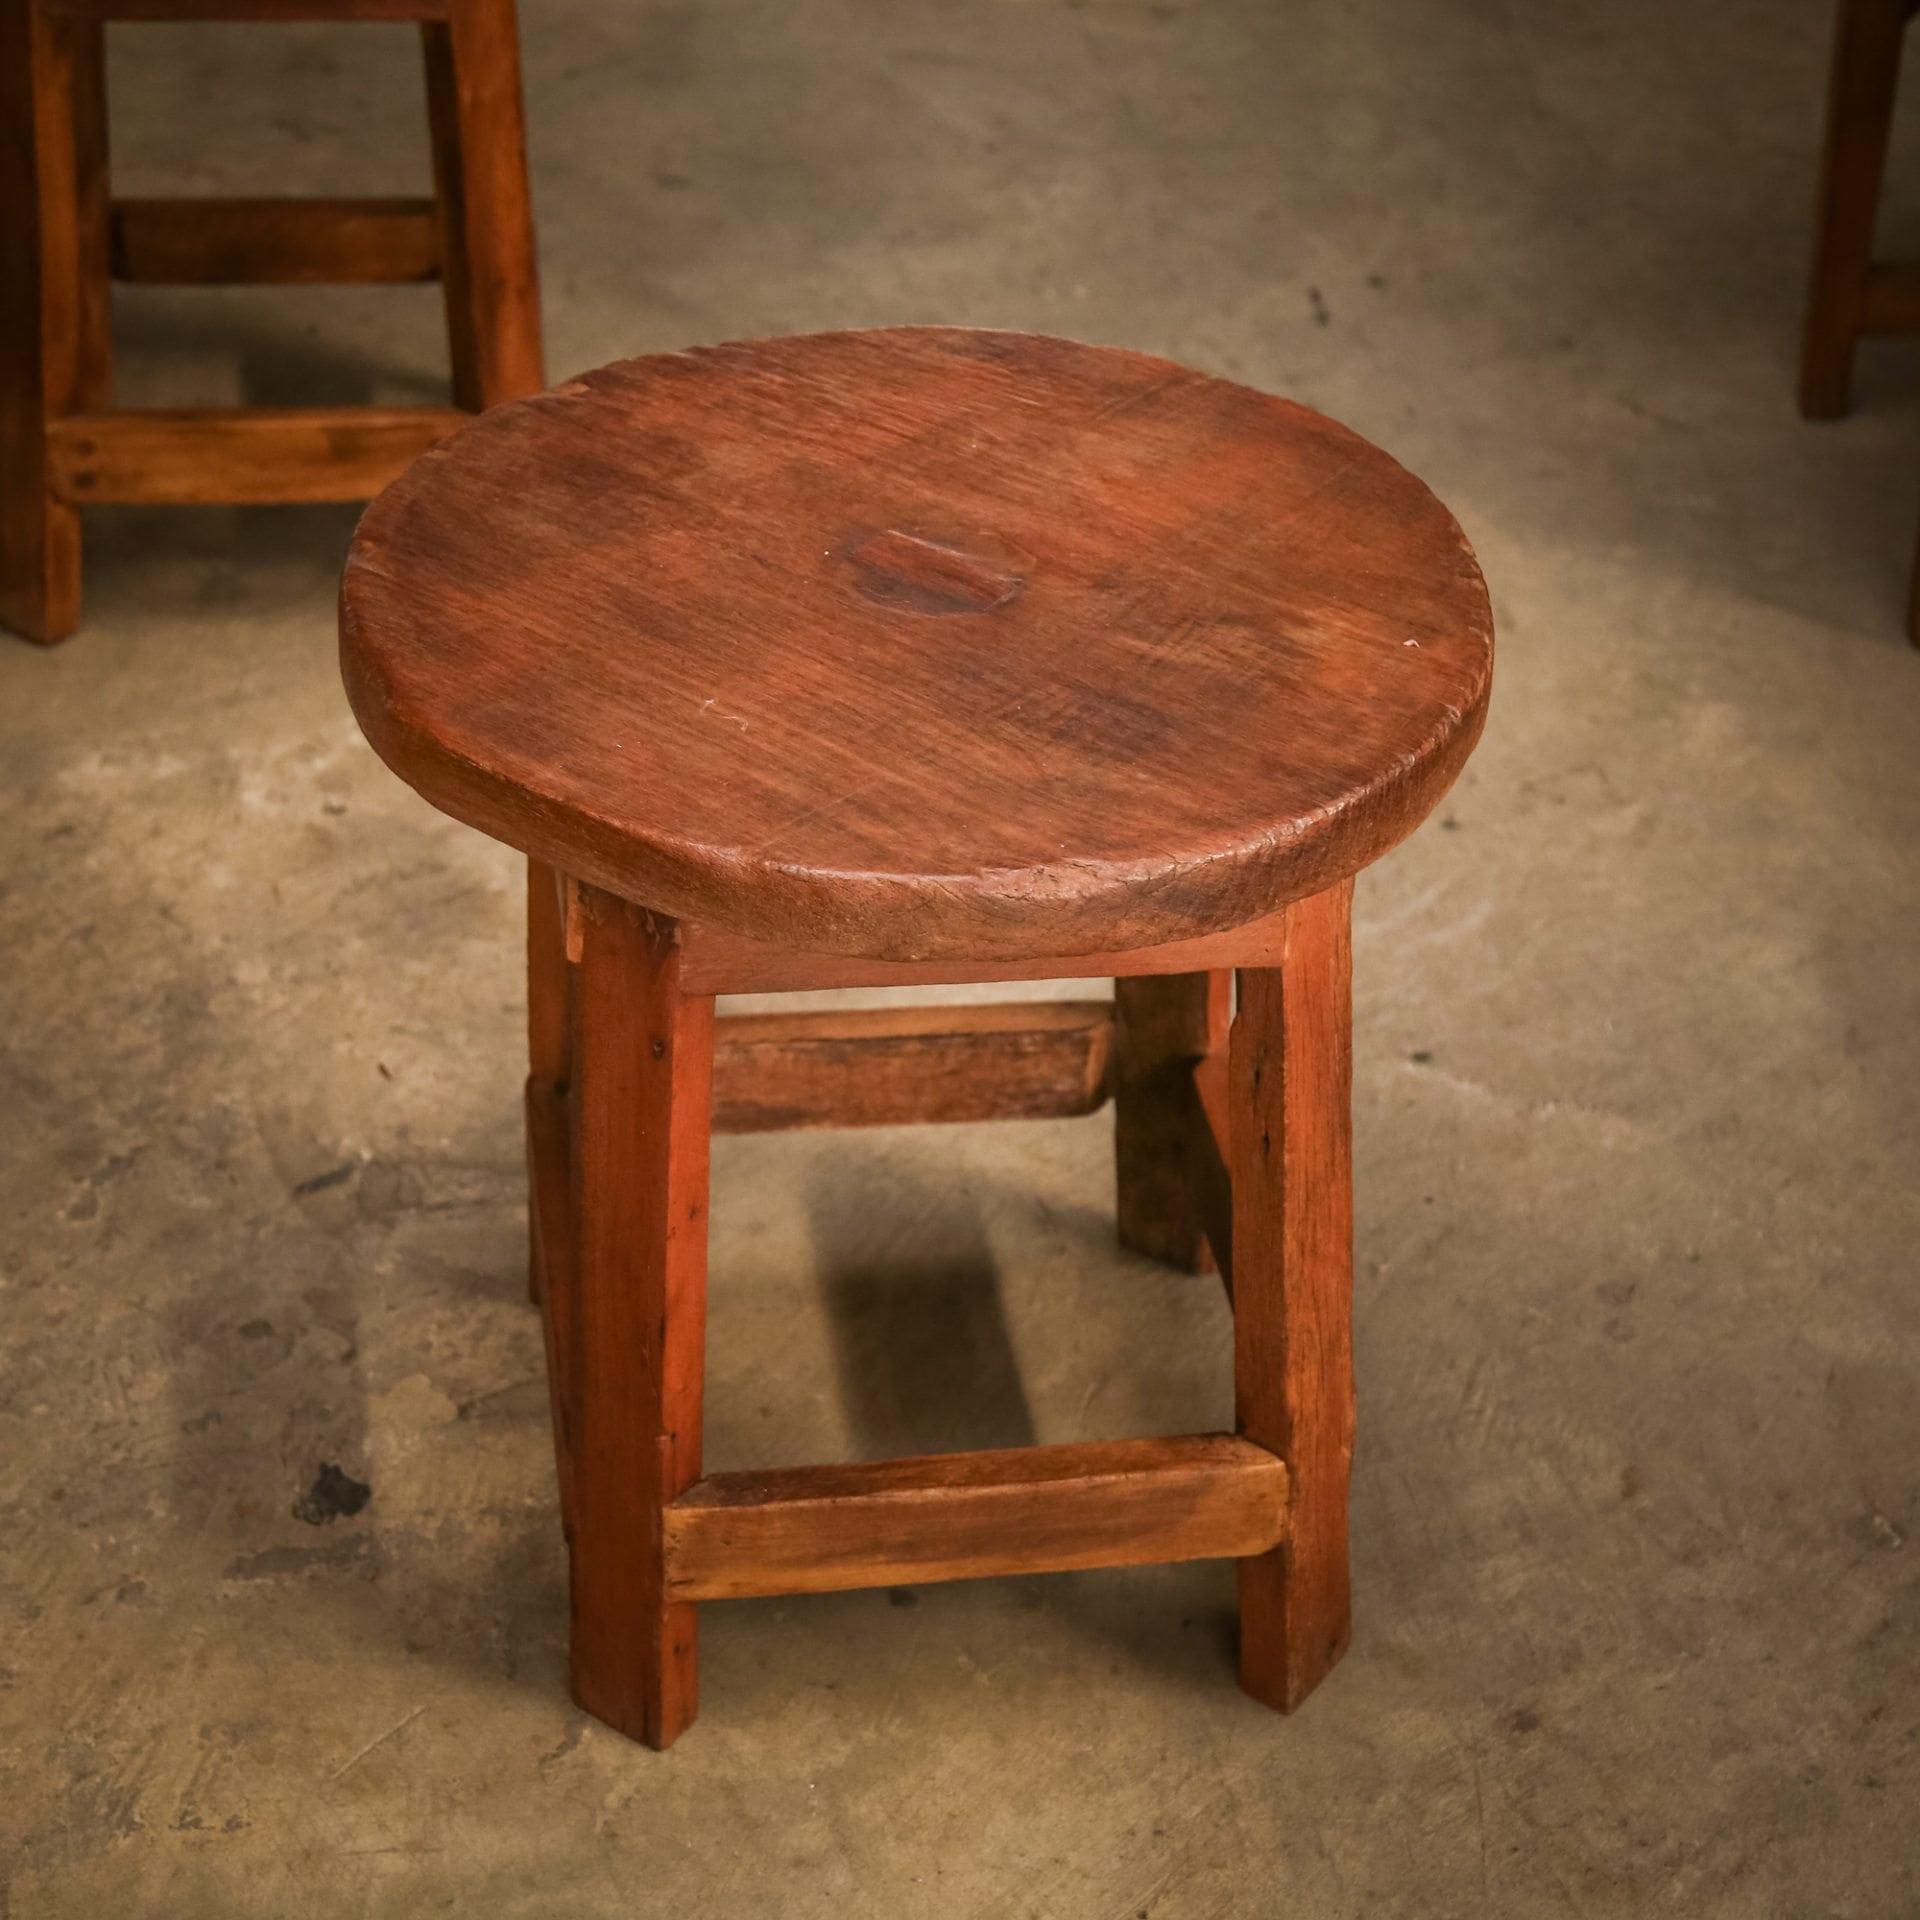 Large Vintage Monkey Pod Wood Slab Coffee Table: Coffee Table PN 002